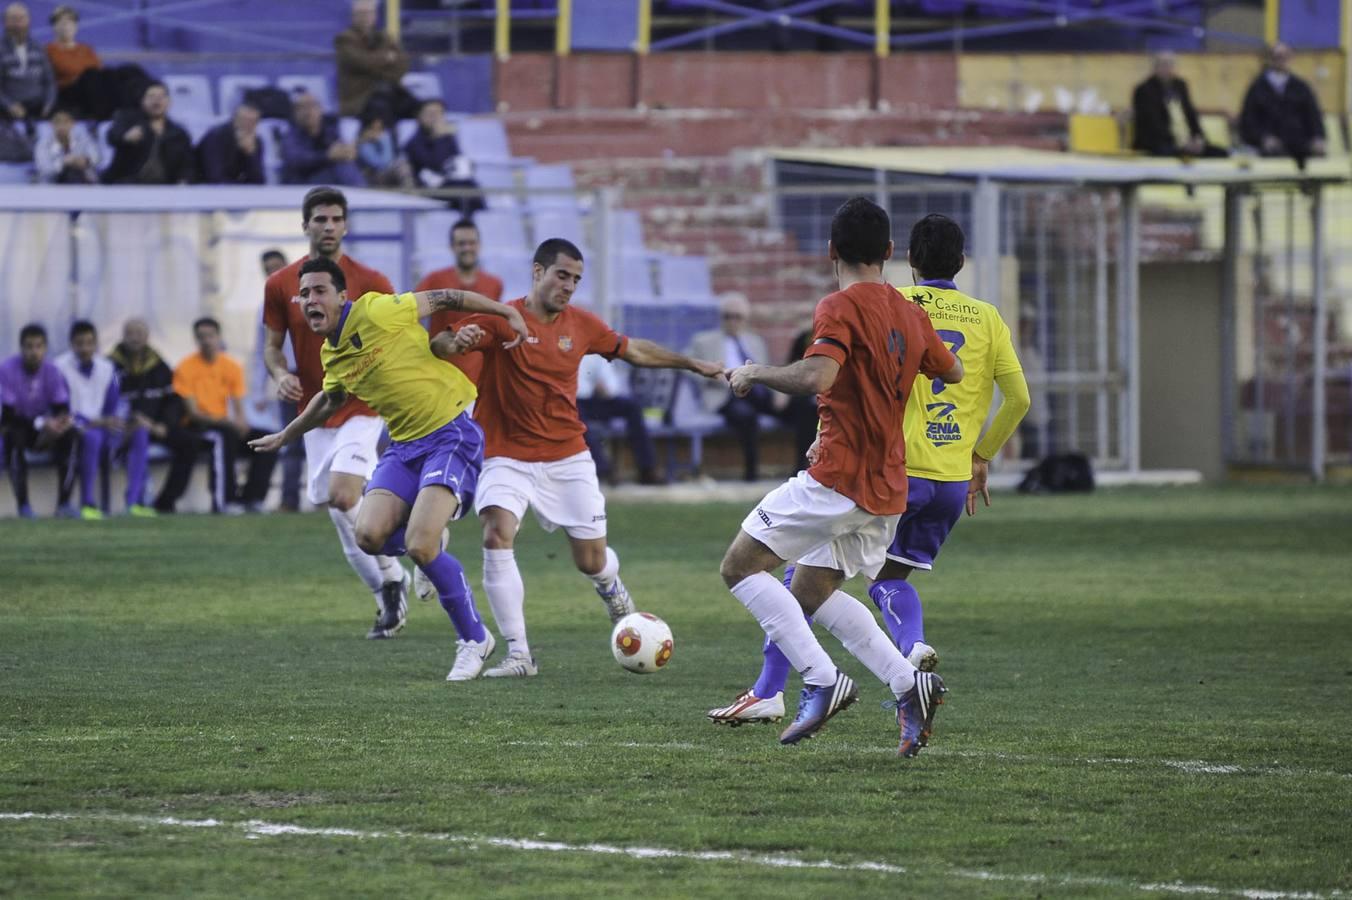 Imágenes del partido Orihuela-Ribarroja disputado en Los Arcos